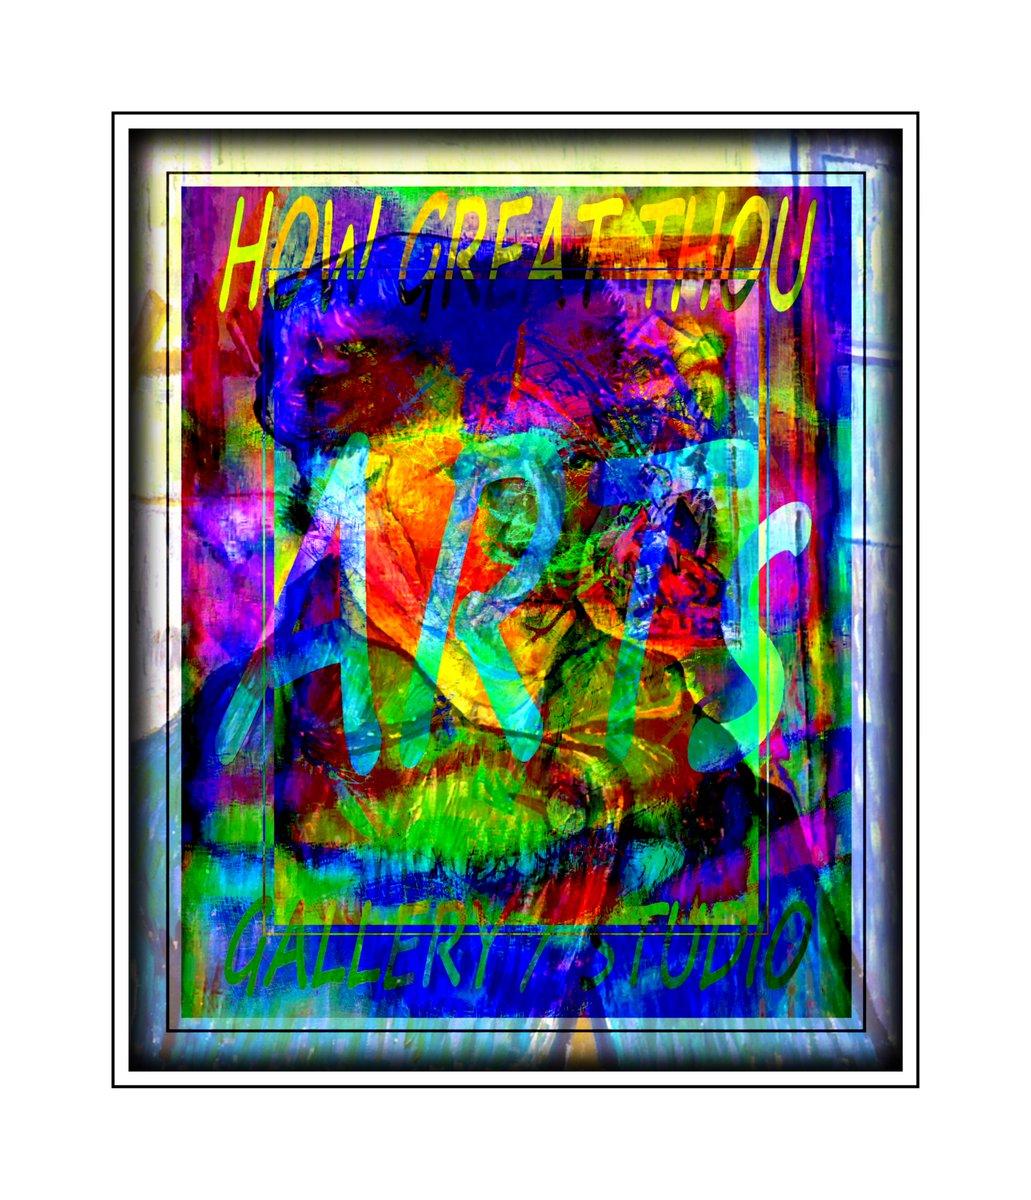 book великие художники том 46 венецианов 2010